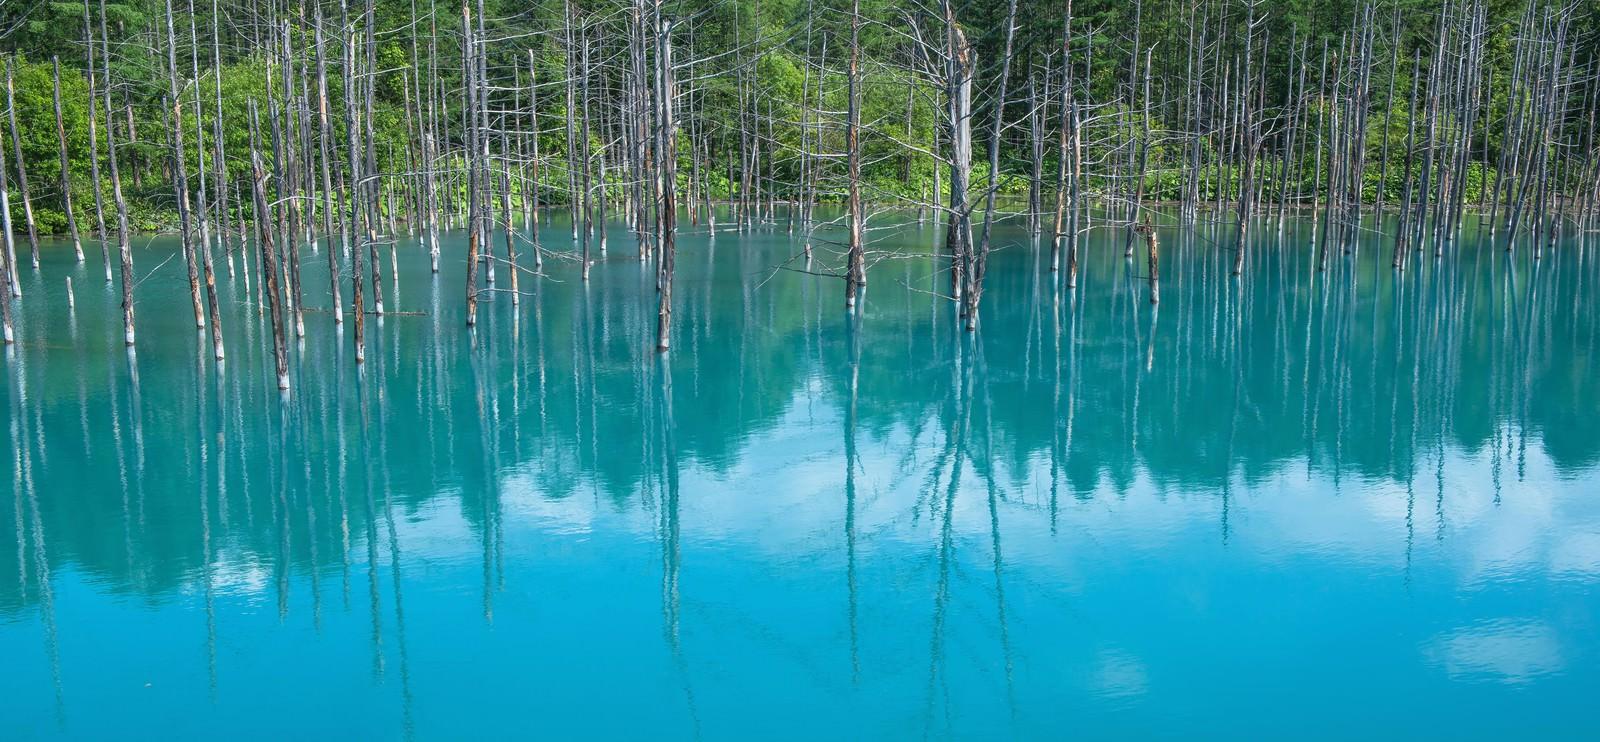 「青い池」